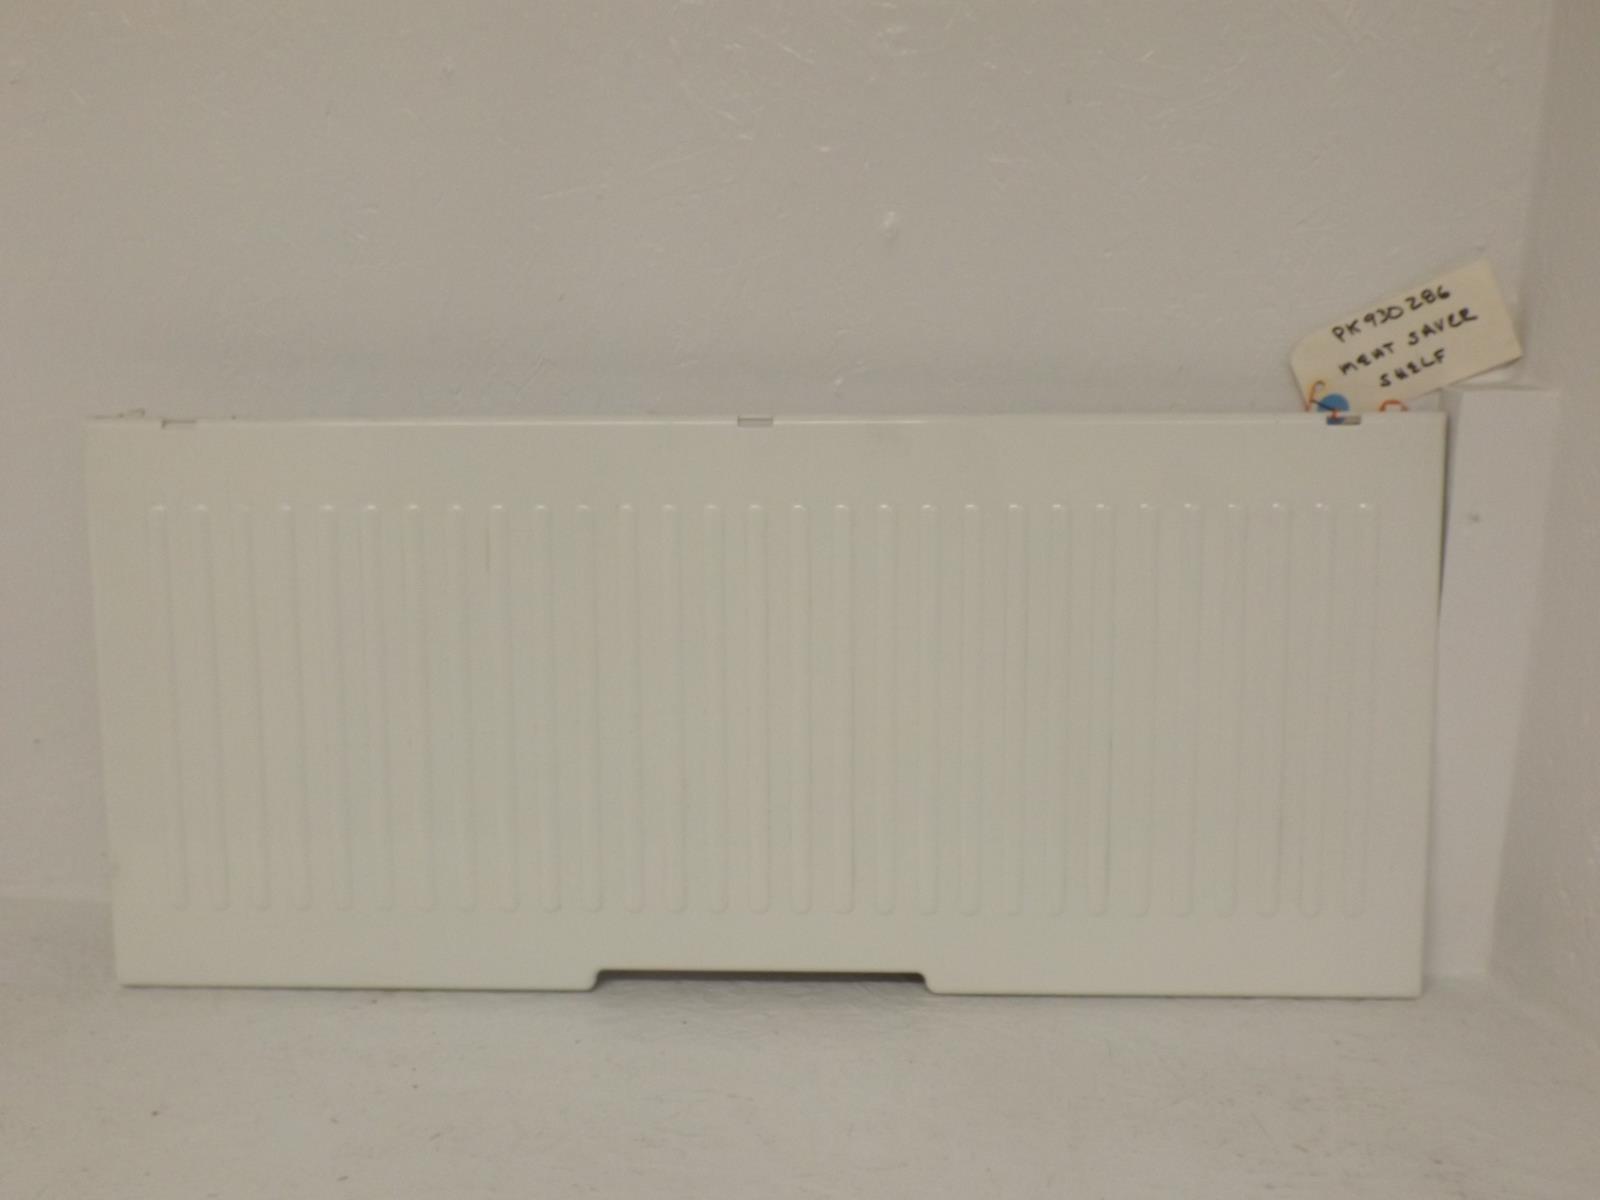 Viking  Refrigerator Meat Saver Pan Shelf PN PK930286